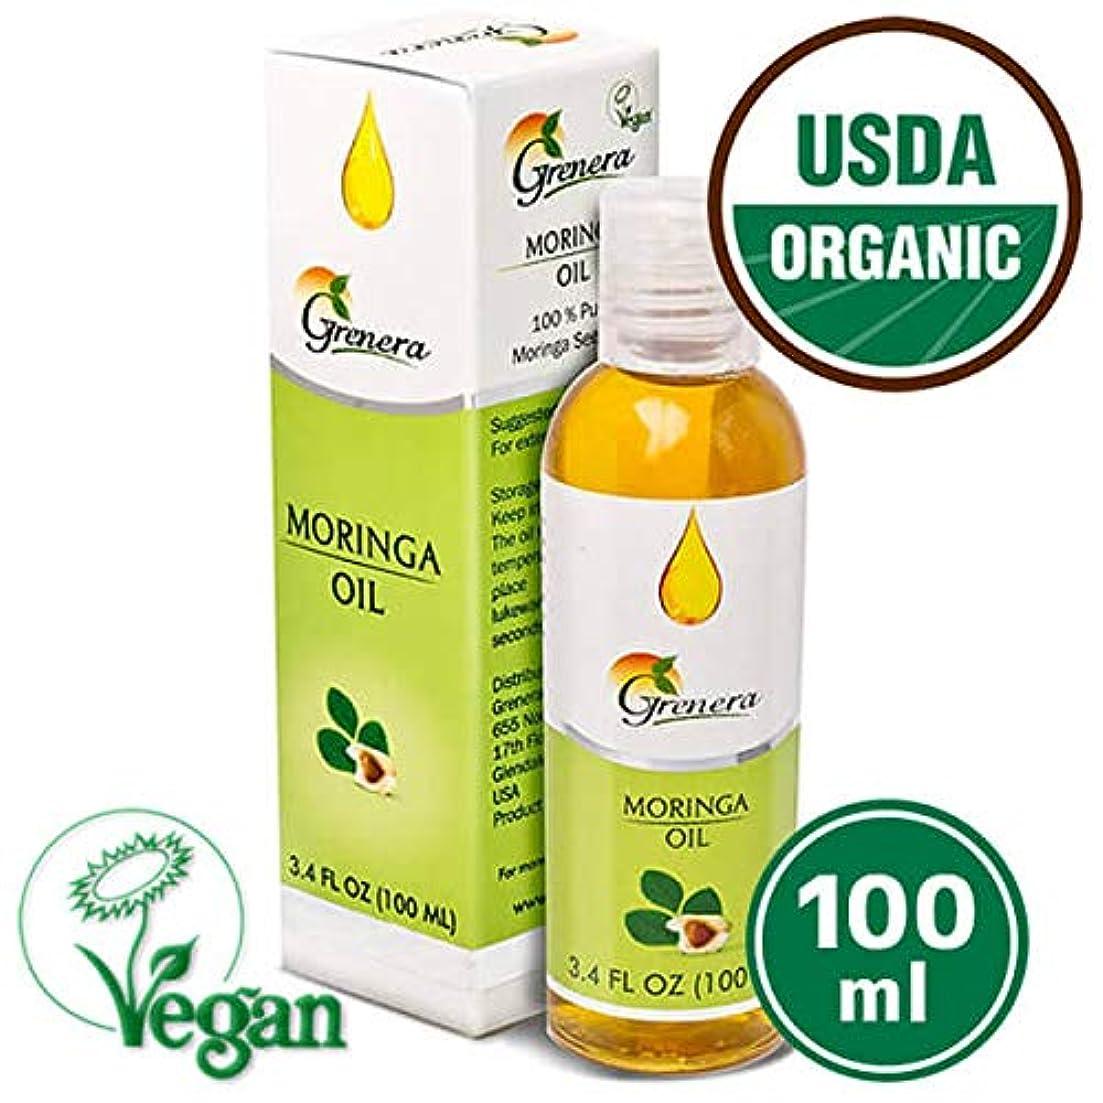 せせらぎメンタリティに同意するgrenera 最高品質 オーガニック モリンガオイル 100% 100ml USDA認証 無希釈 コールドプレス 化学溶剤不使用